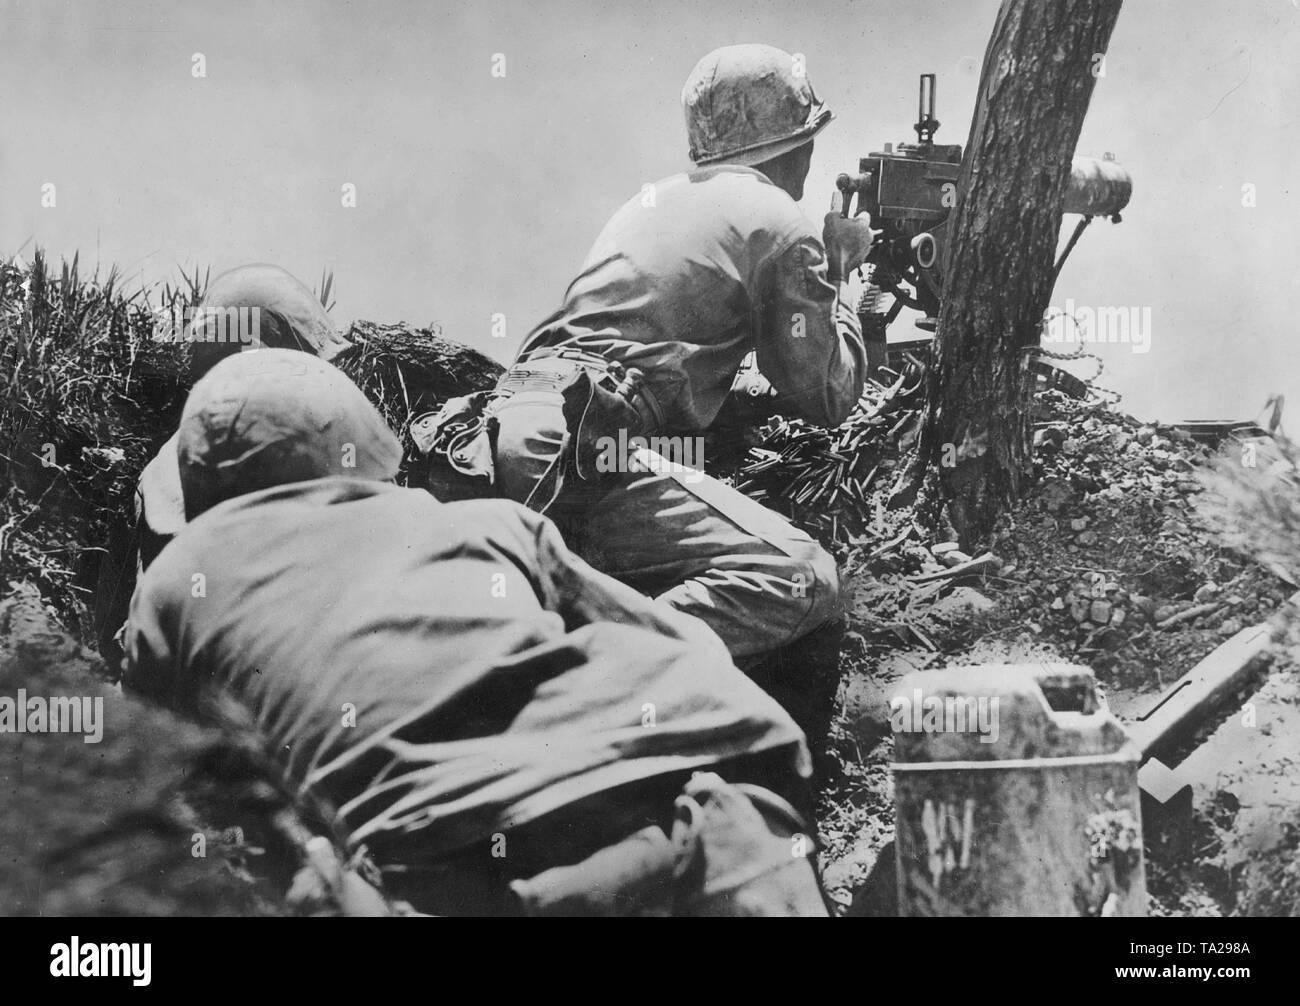 Les Marines américains l'atterrissage sur une île du Pacifique occupés par le Japon, 1945 (photo n/b) Photo Stock